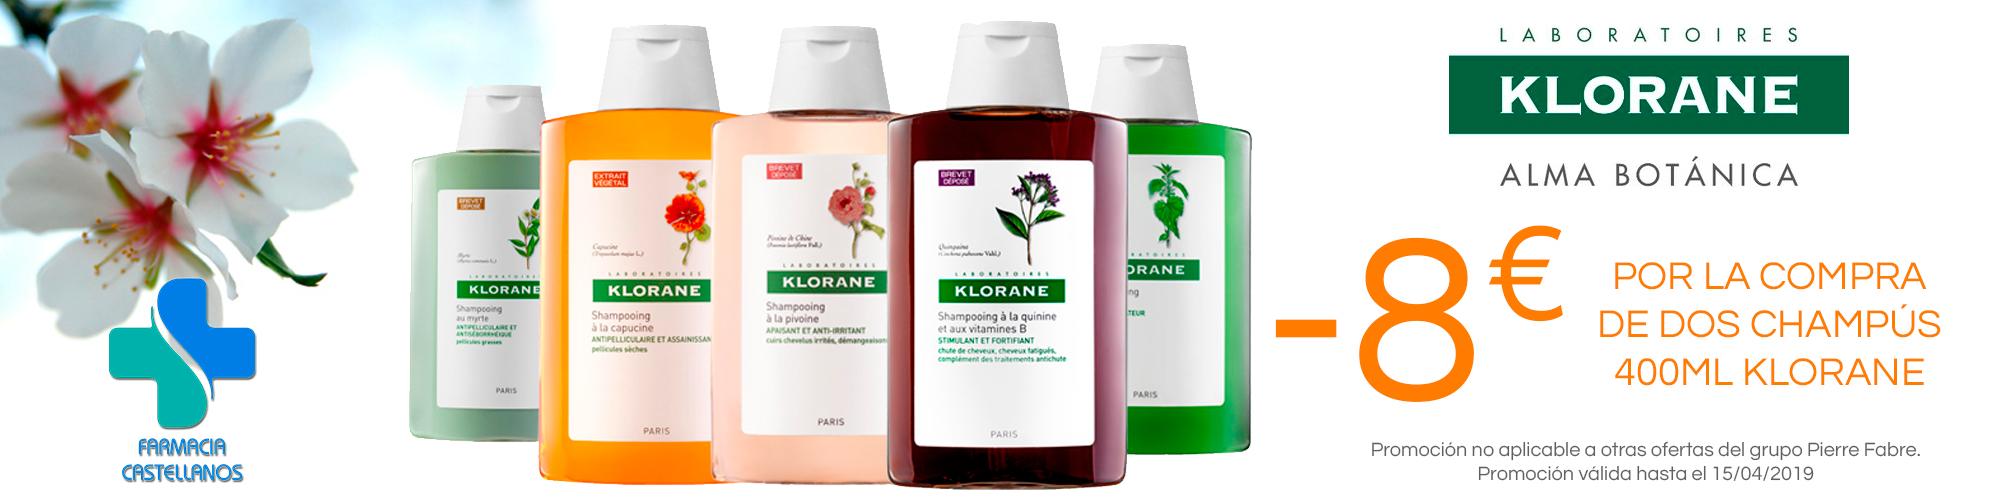 descuento-champus-klorane-farmaciabeatrizcastellanos